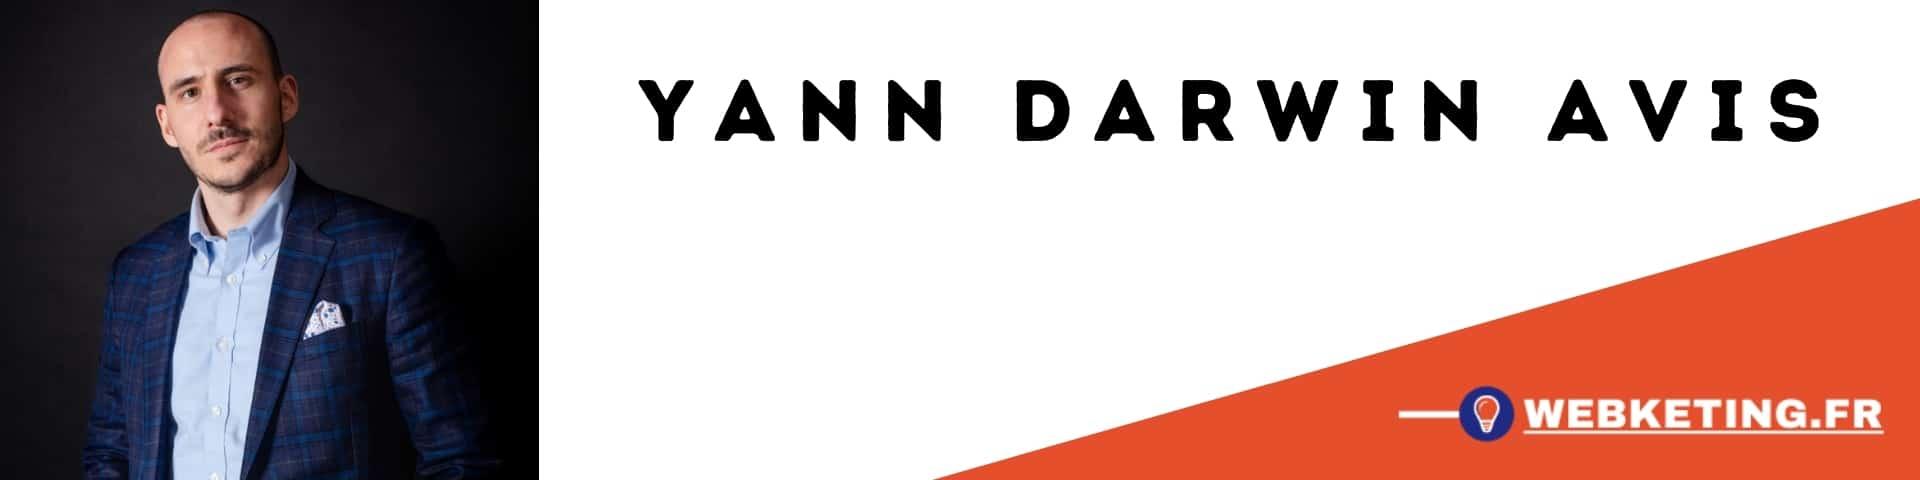 Yann darwin avis